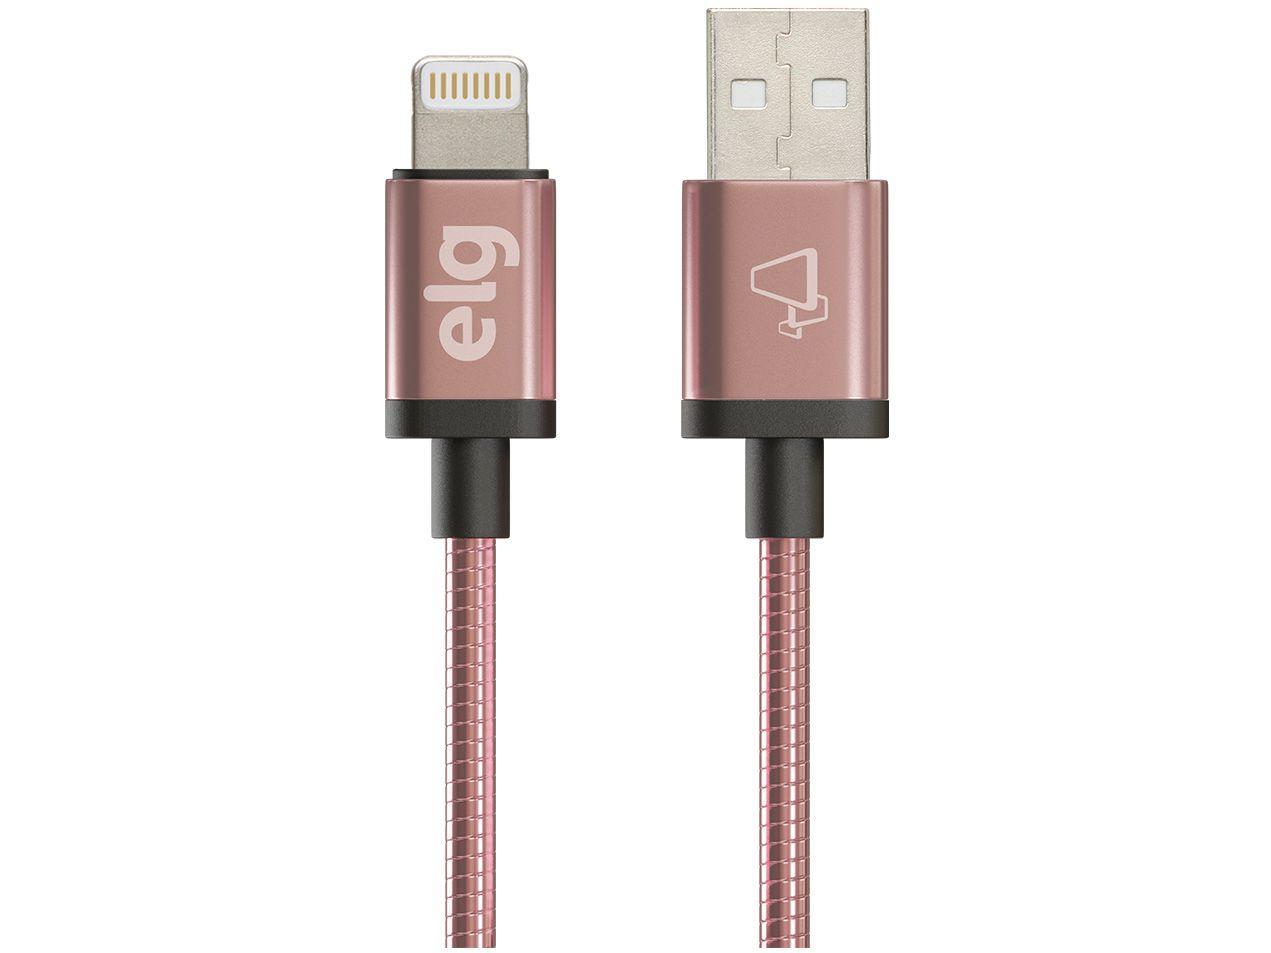 Cabo Lightning USB 1m ELG Inox - INX810RG